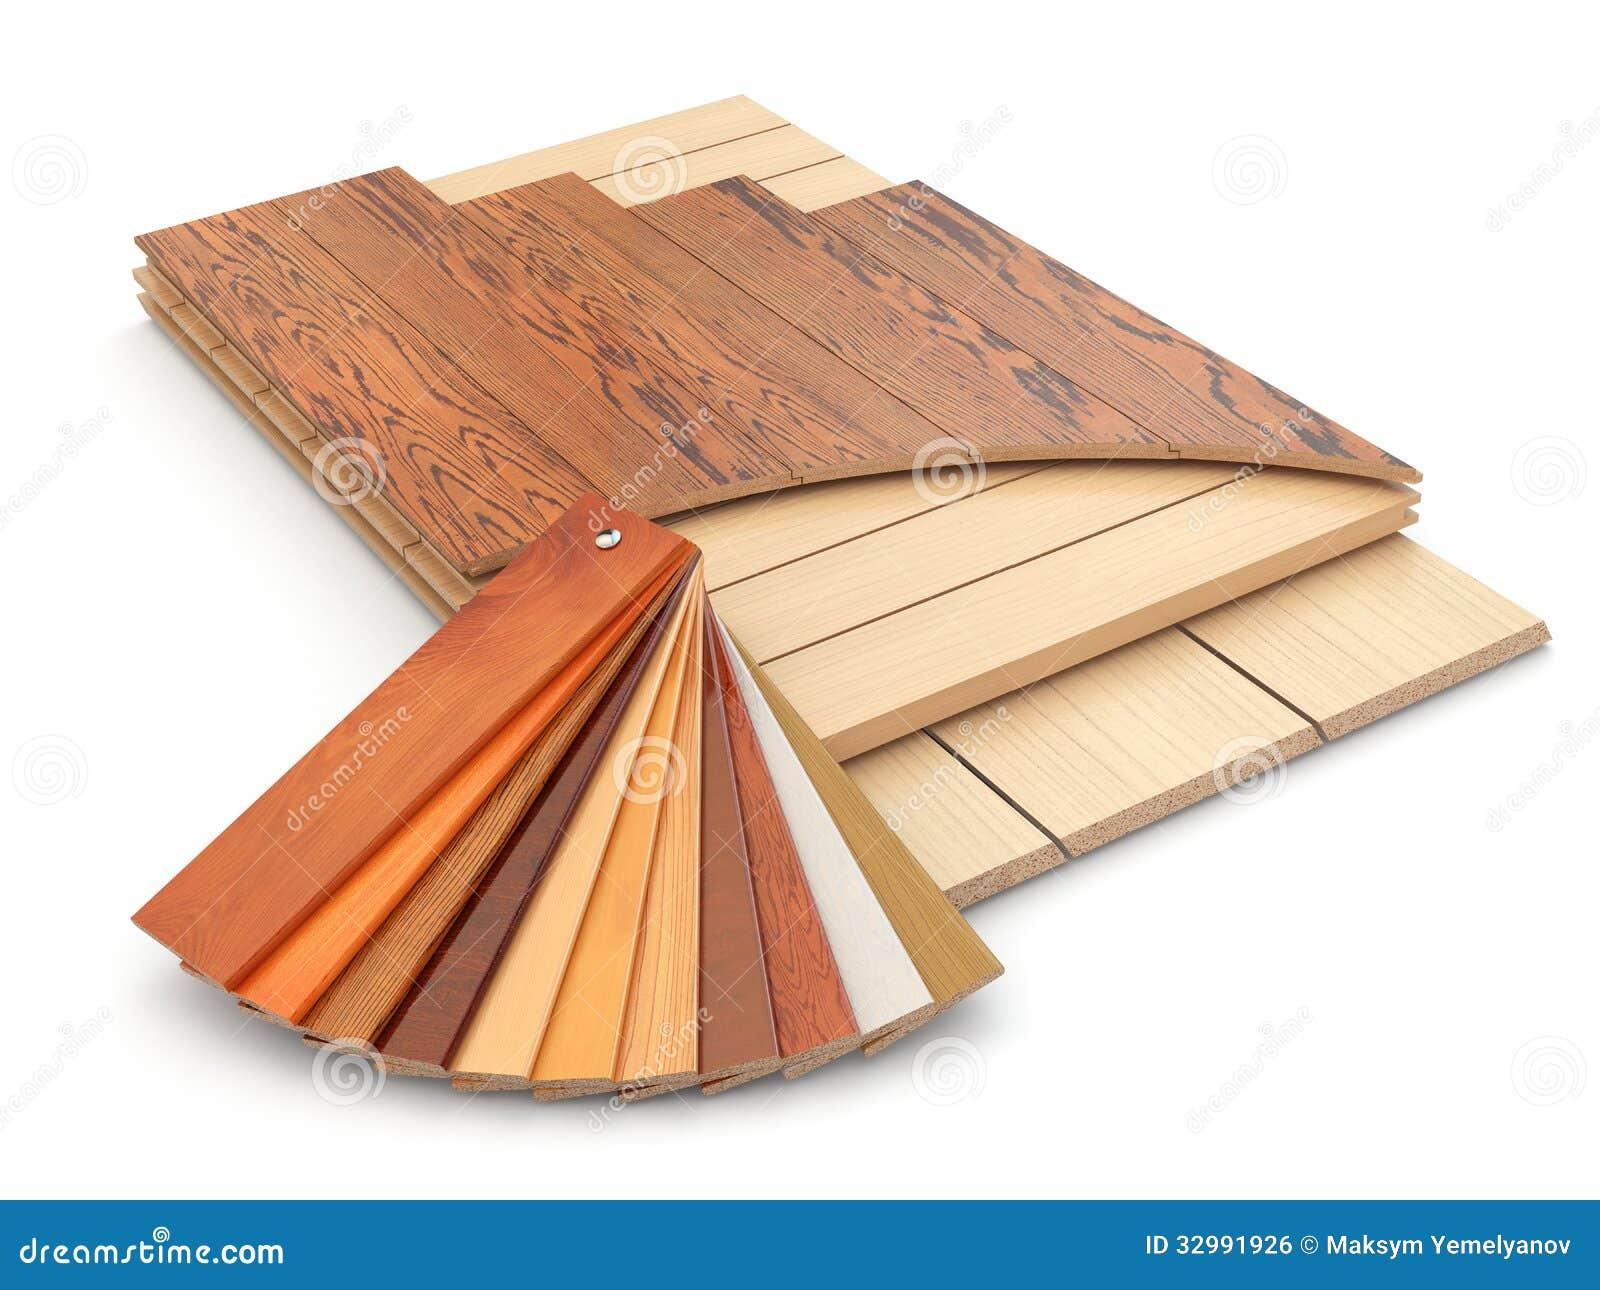 Устанавливать слоистый пол и деревянные образцы.